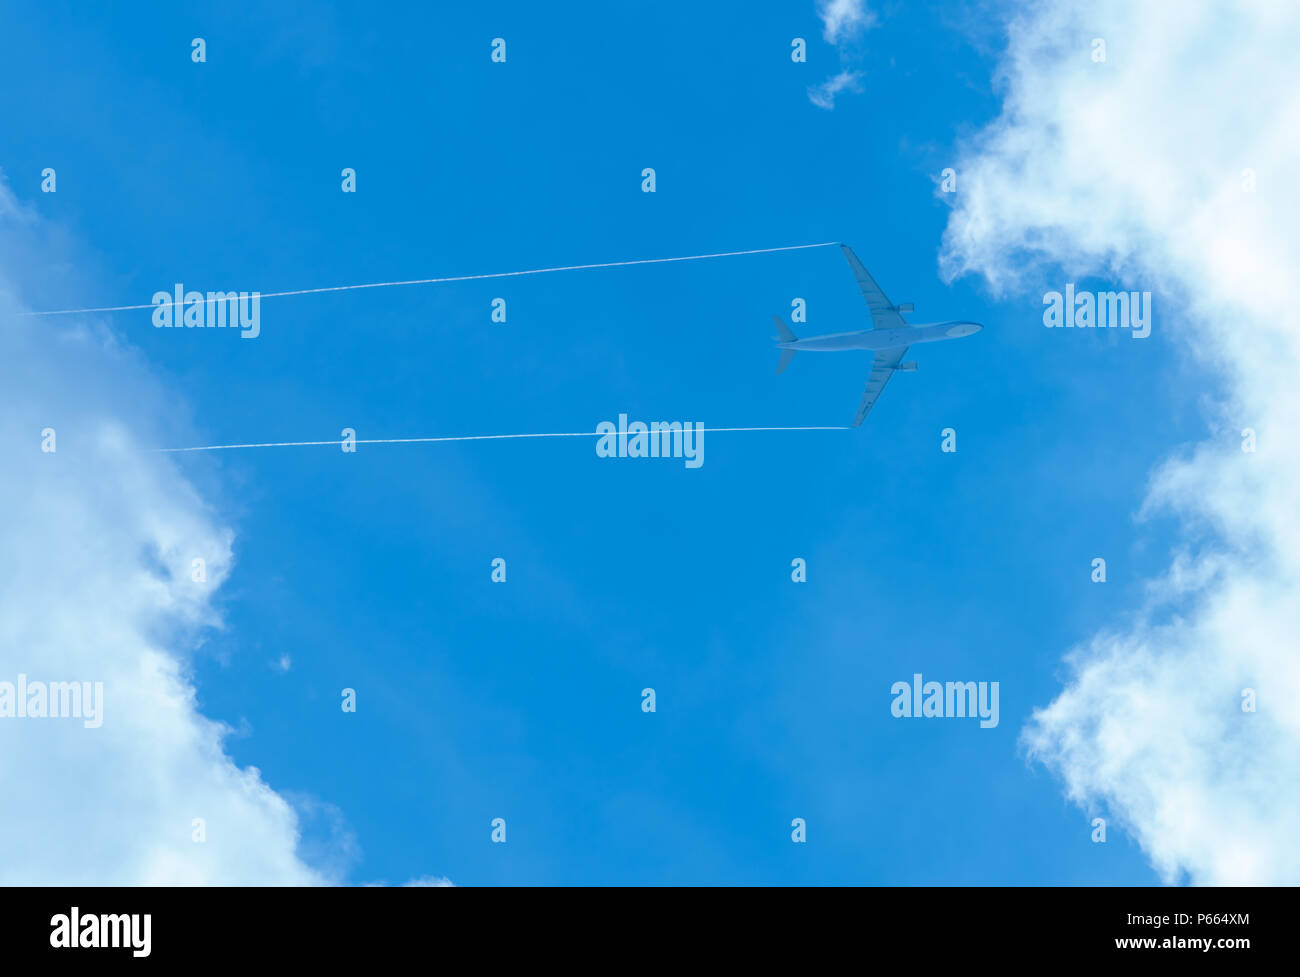 Avion sur ciel bleu et nuages blancs. Vol de ligne commerciaux sur ciel bleu. Billet d'avion pour les vacances. Transport de l'aviation. Photo Stock